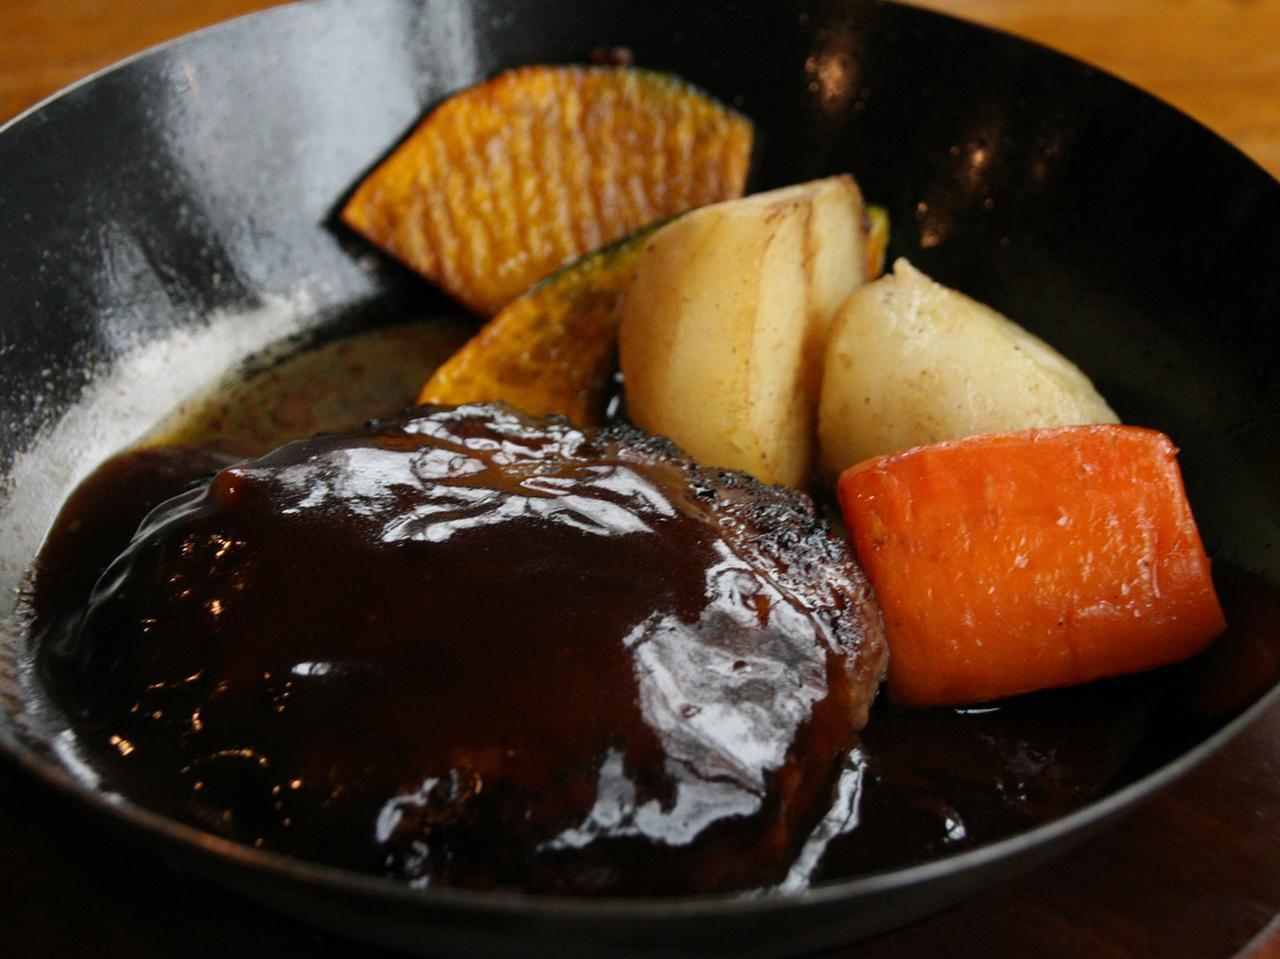 画像: 「箱根牧場牛の手作りハンバーグ」900円。工房手作りの美味しさが前面に